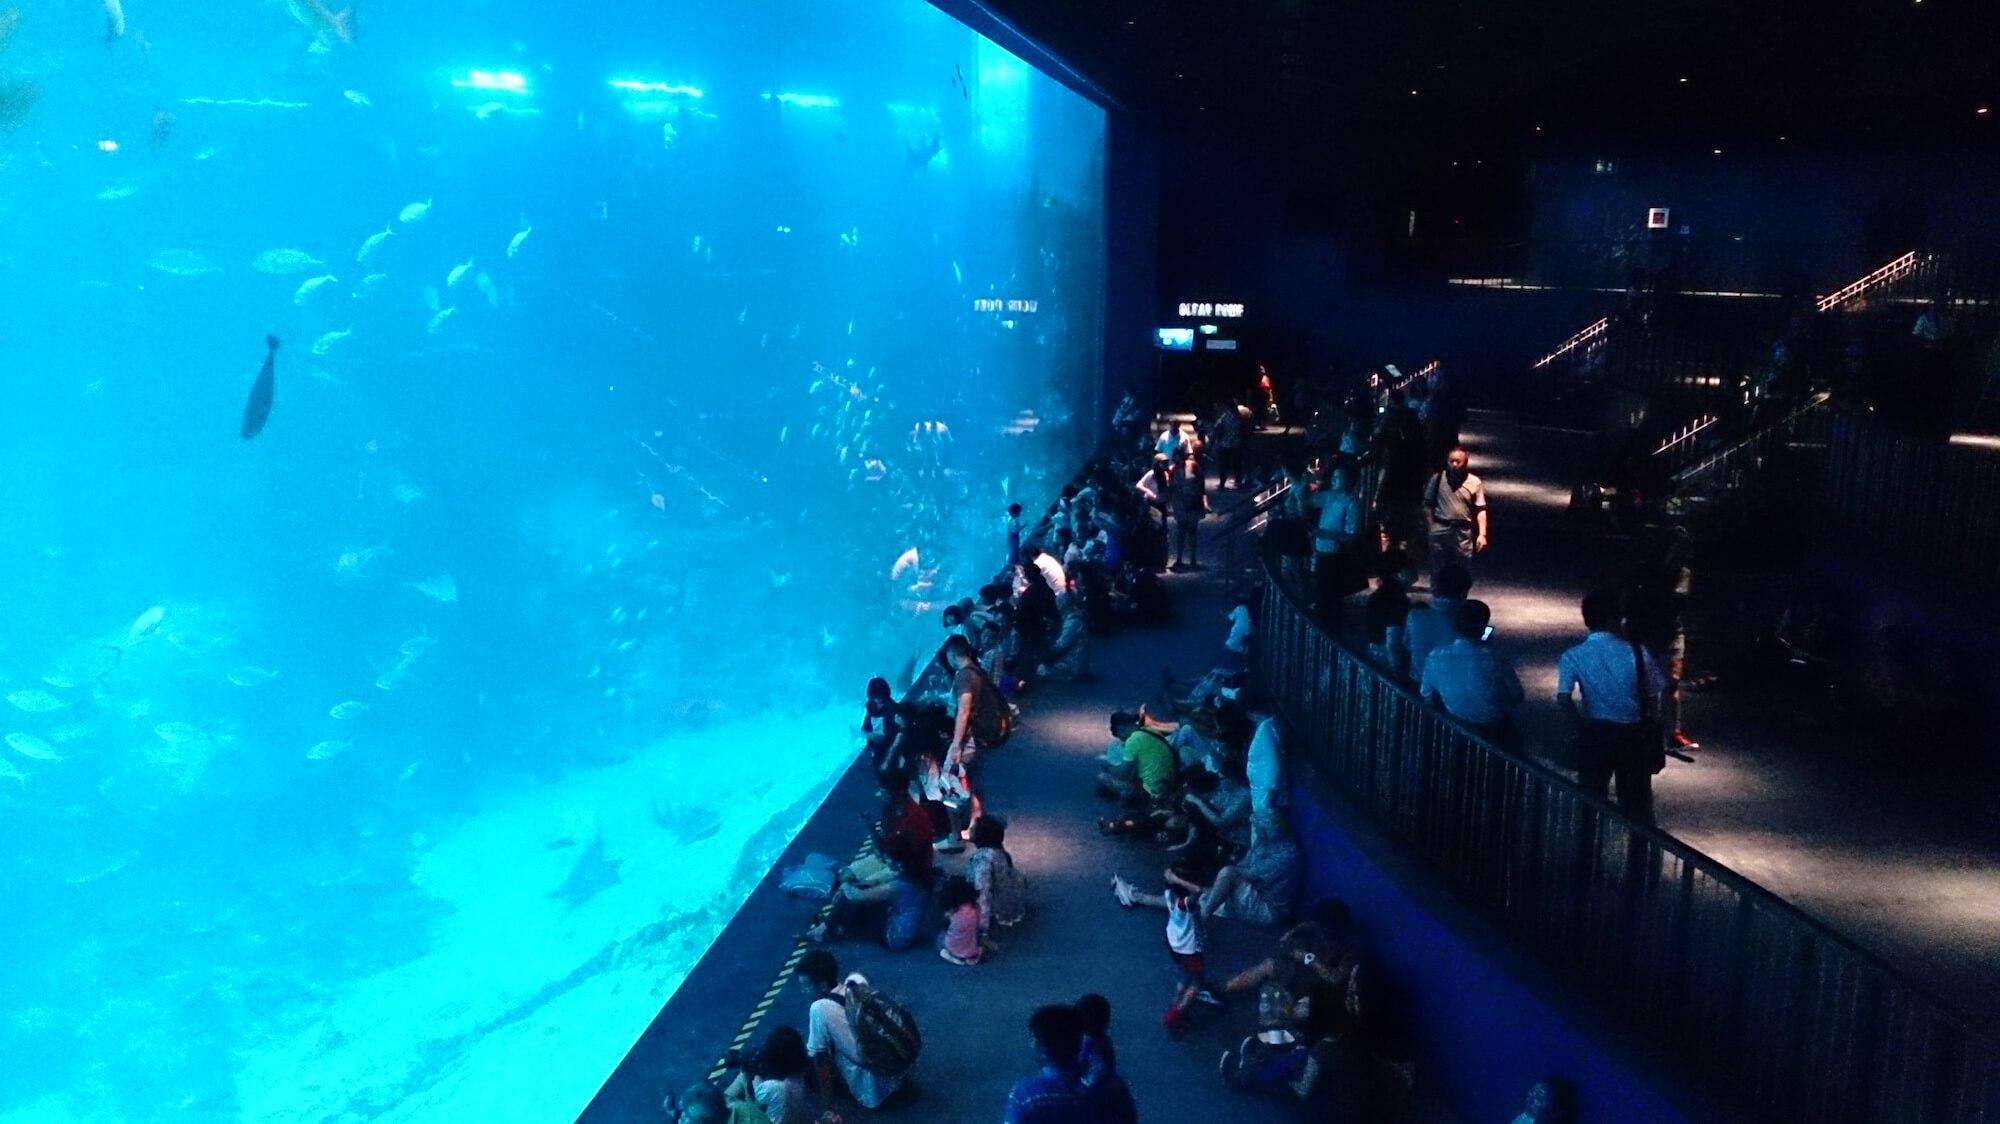 S.E.A. Aquarium Singapore. Source: Project Manhattan